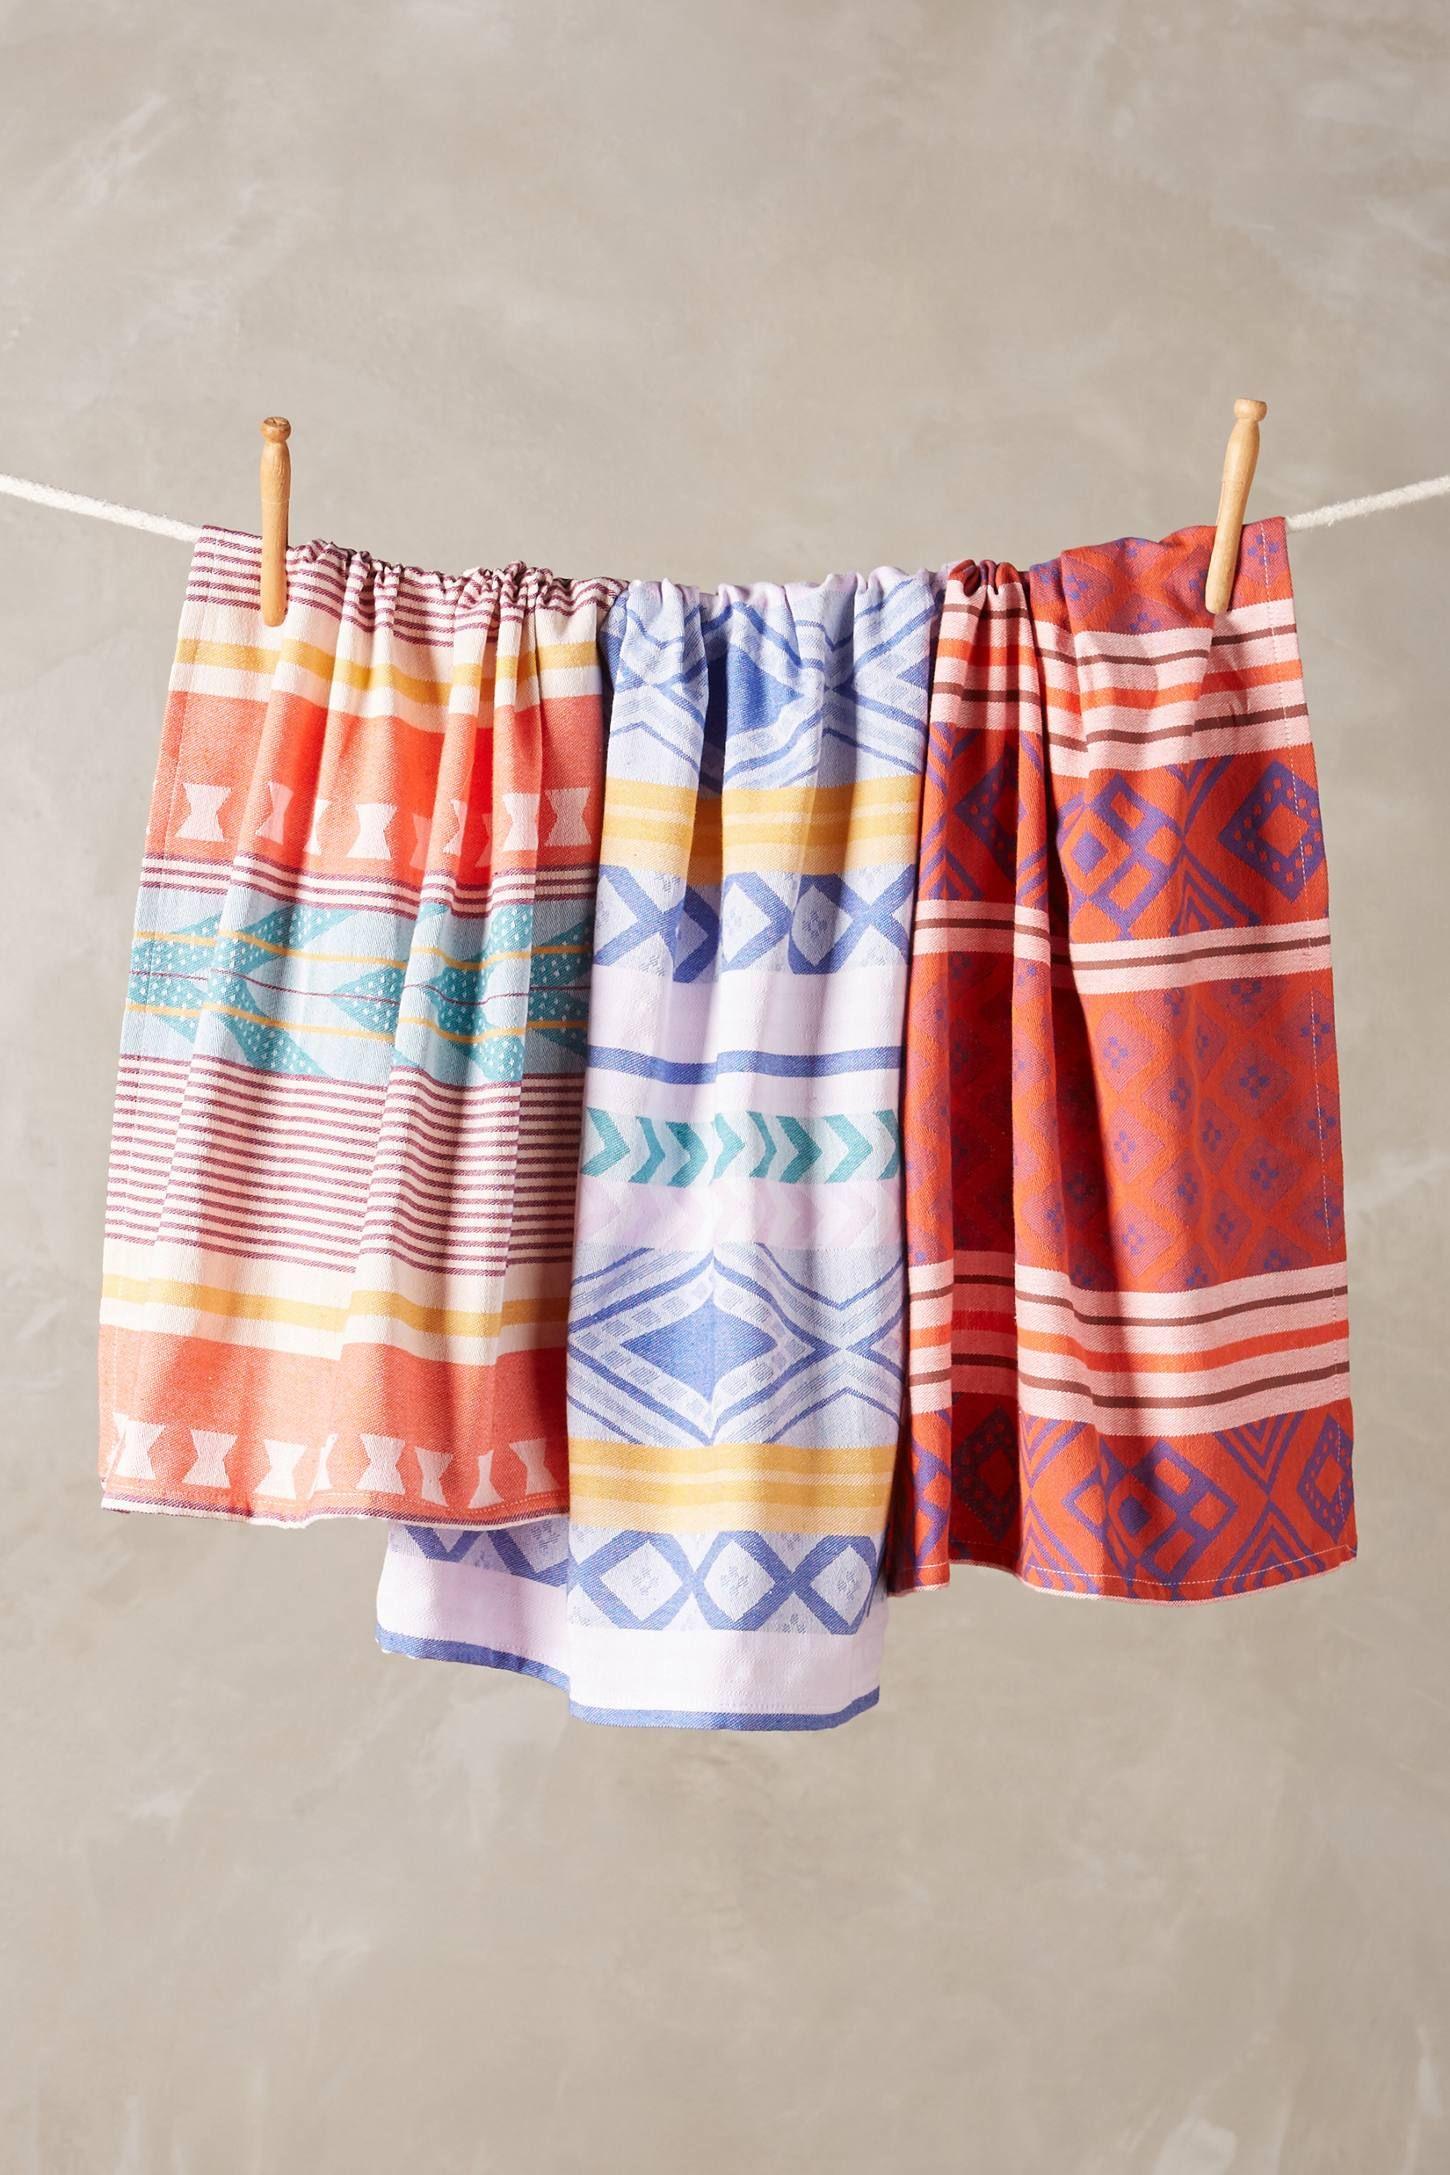 Akilah Jacquard Dish Towel Set Geschirrtuch Geschenke Weihnachtsgeschaft